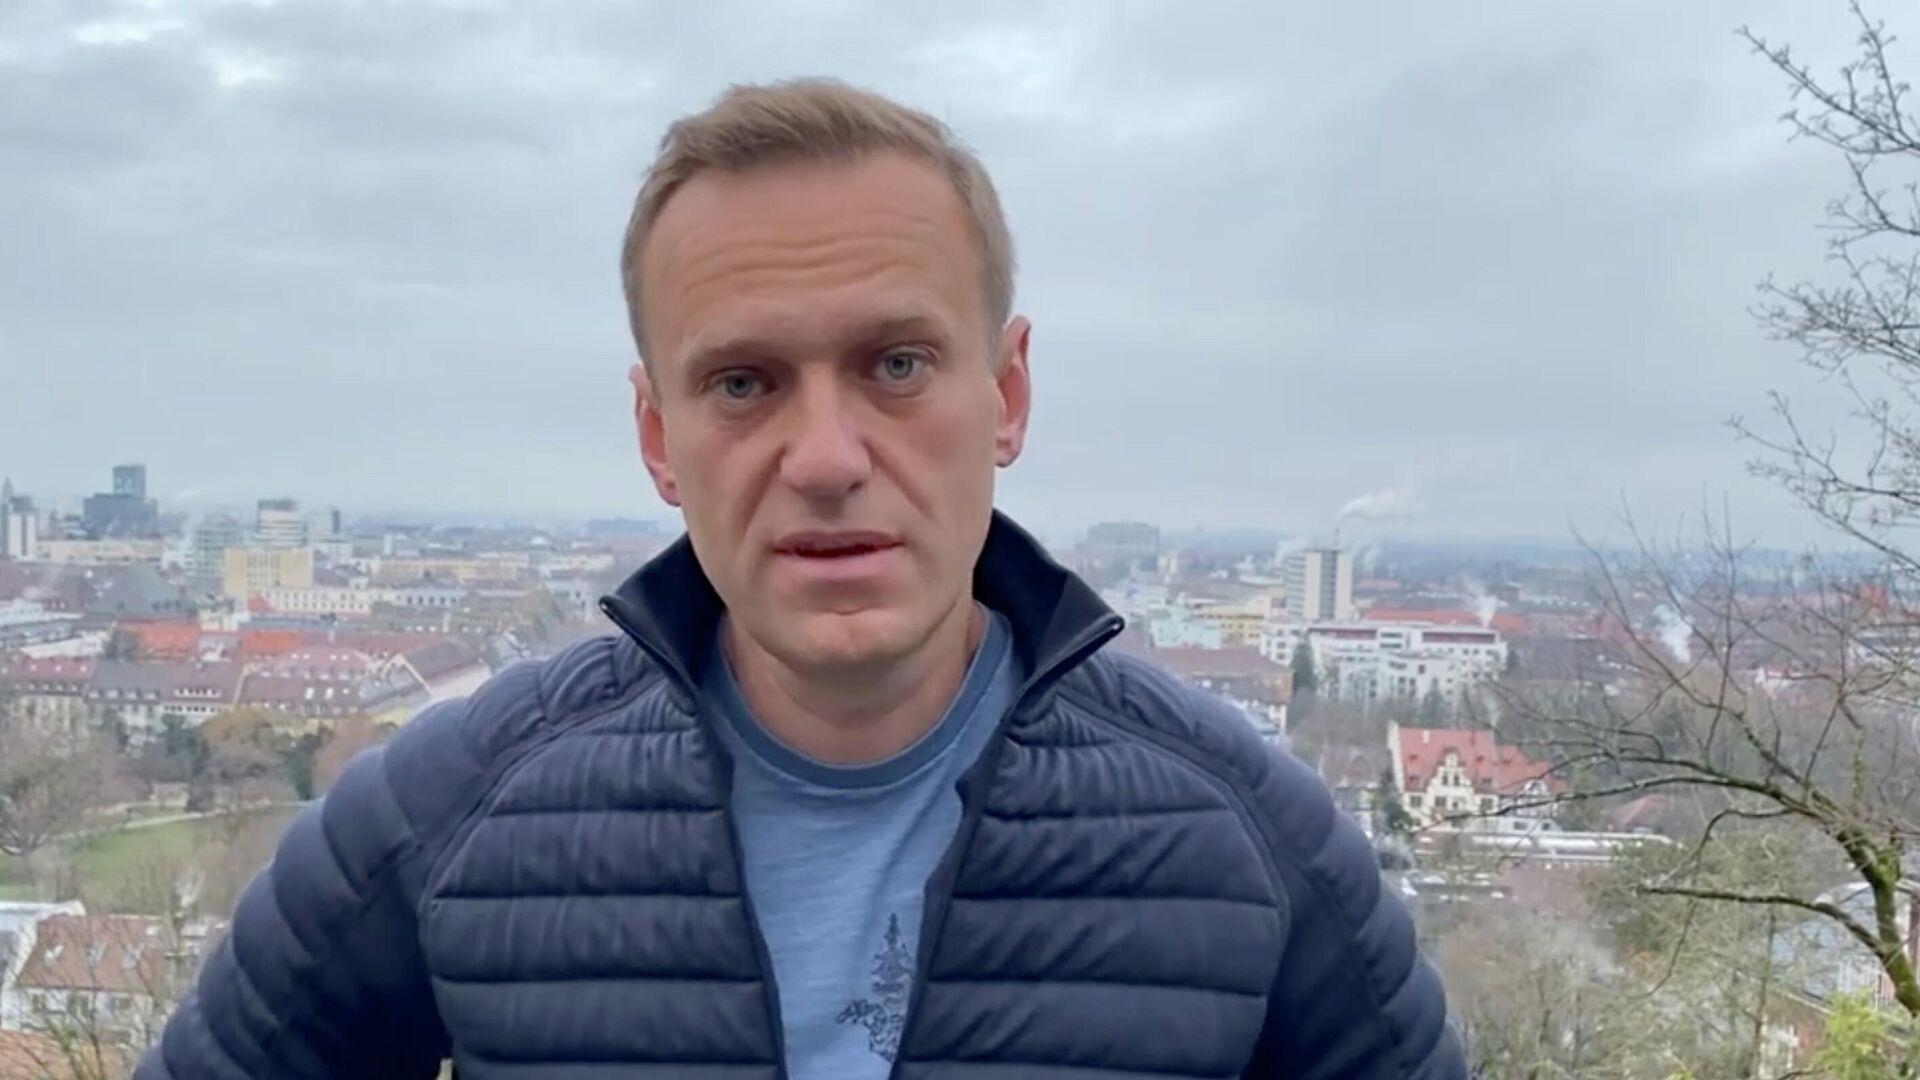 Алексей Навальный в Германии - РИА Новости, 1920, 17.01.2021